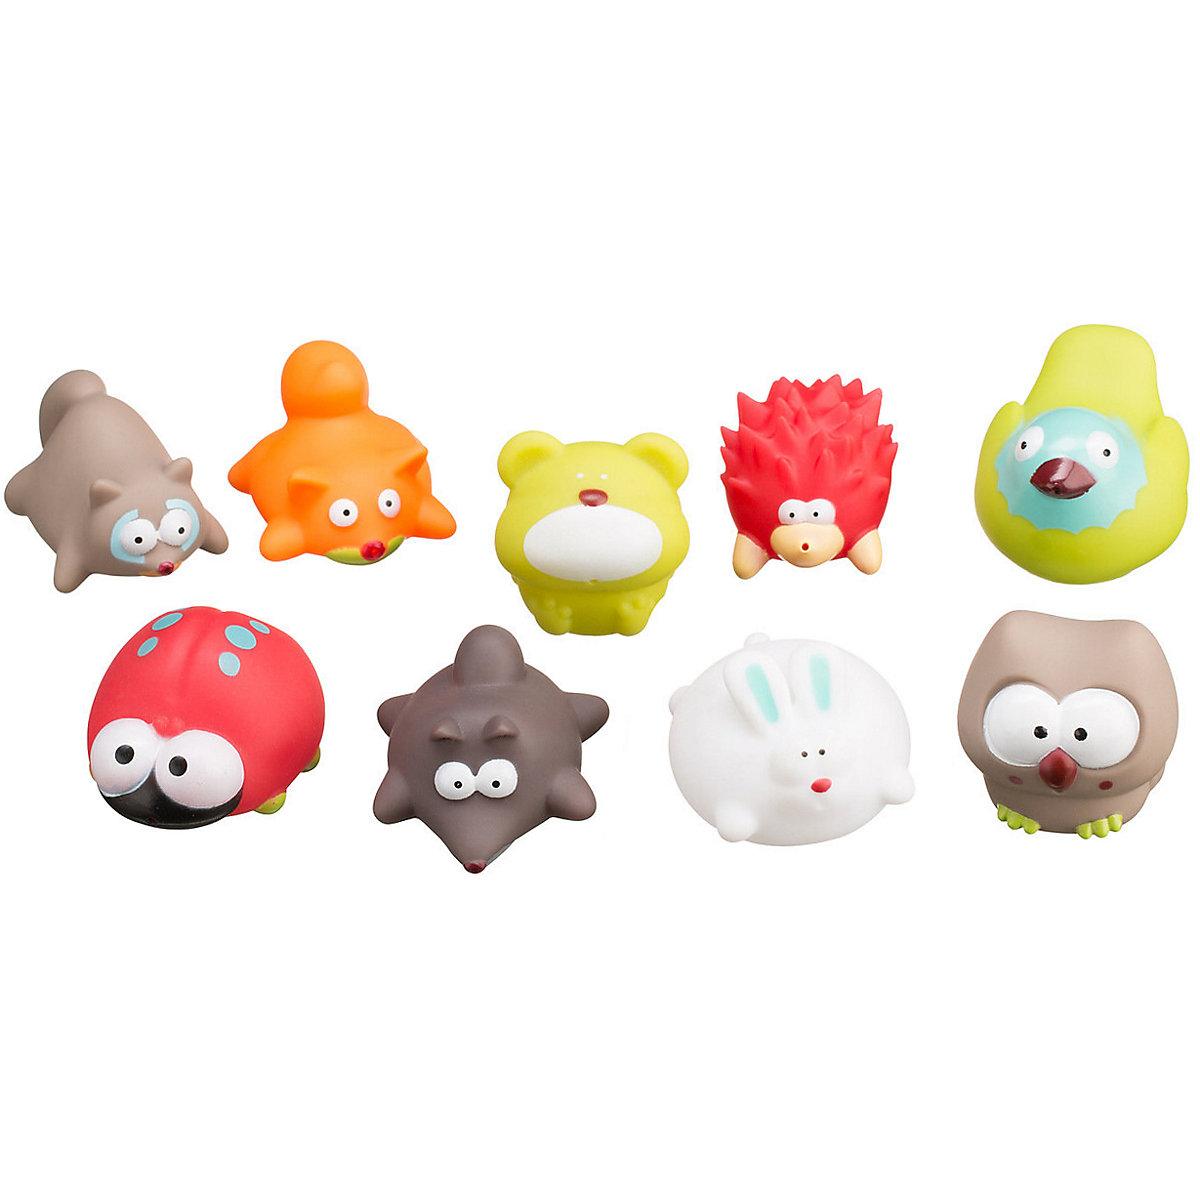 Купить Roxy-kids Набор игрушек для ванной Лесные жители , Китай